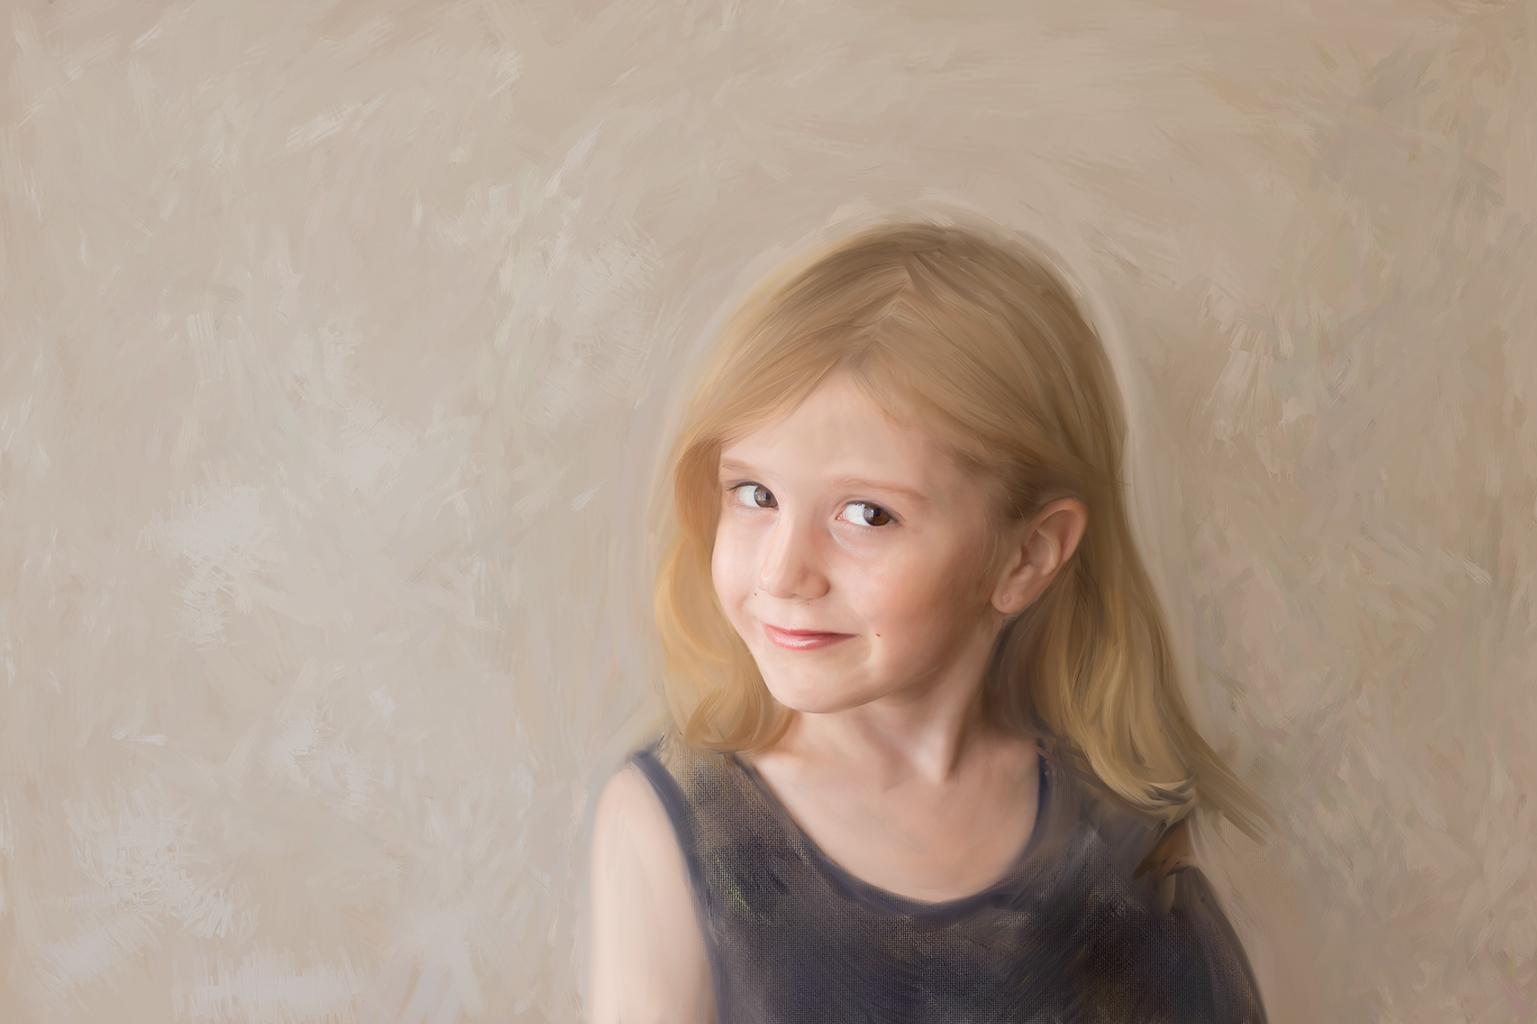 Unique painted portraits